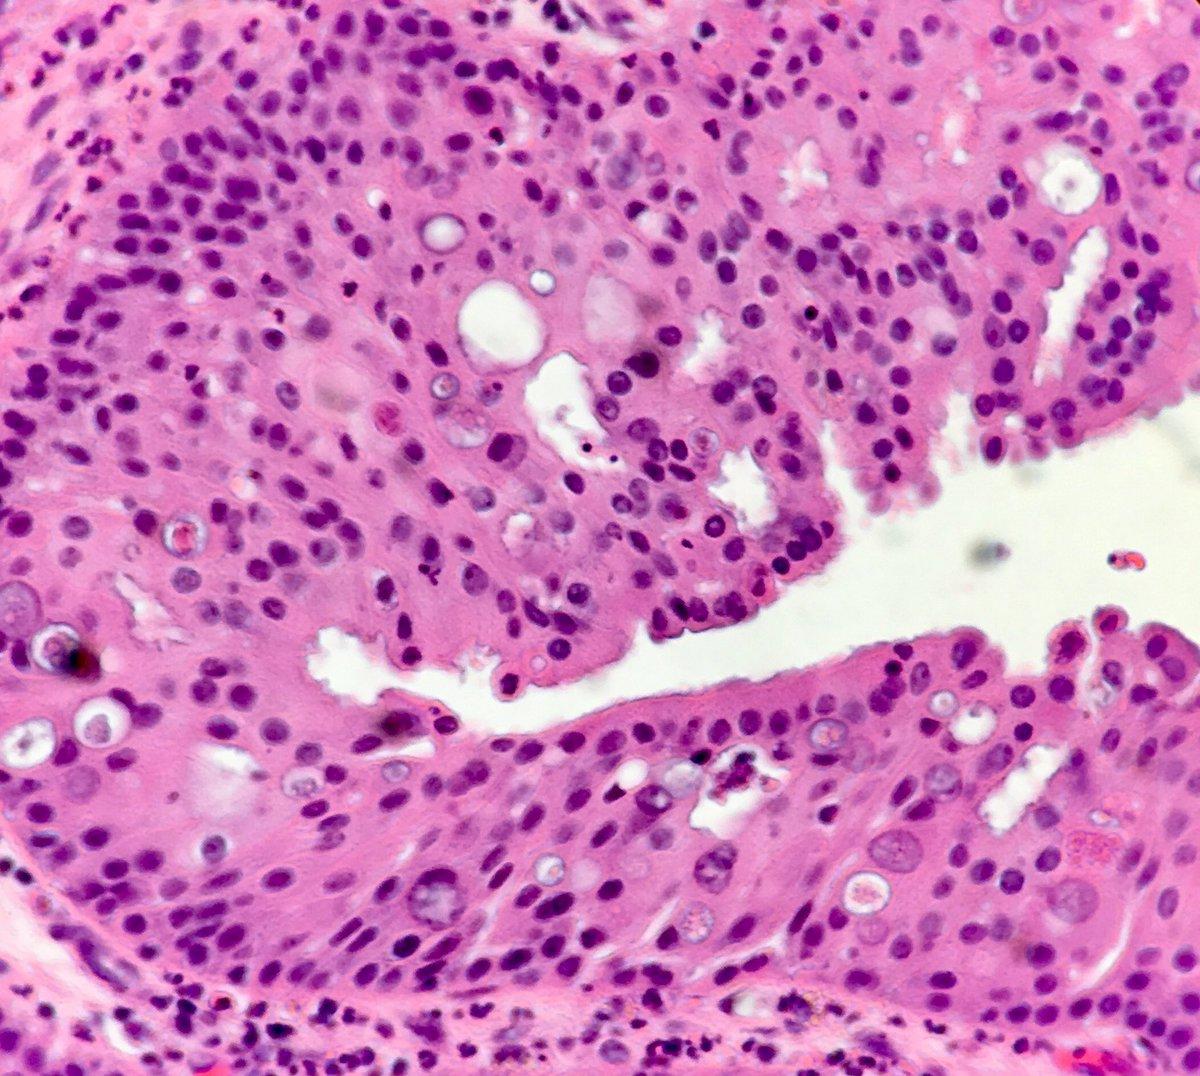 schistosomiasis zoonosis hpv scaly skin